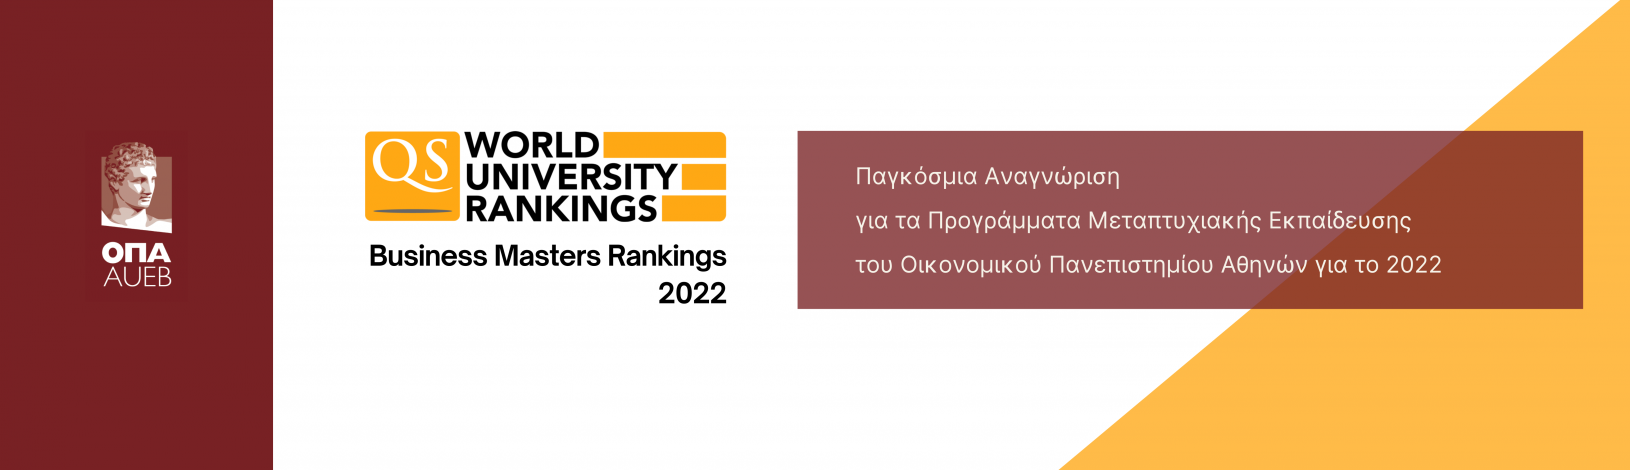 Παγκόσμια Αναγνώριση για τα Προγράμματα Μεταπτυχιακής Εκπαίδευσης του Οικονομικού Πανεπιστημίου Αθηνών για το 2022